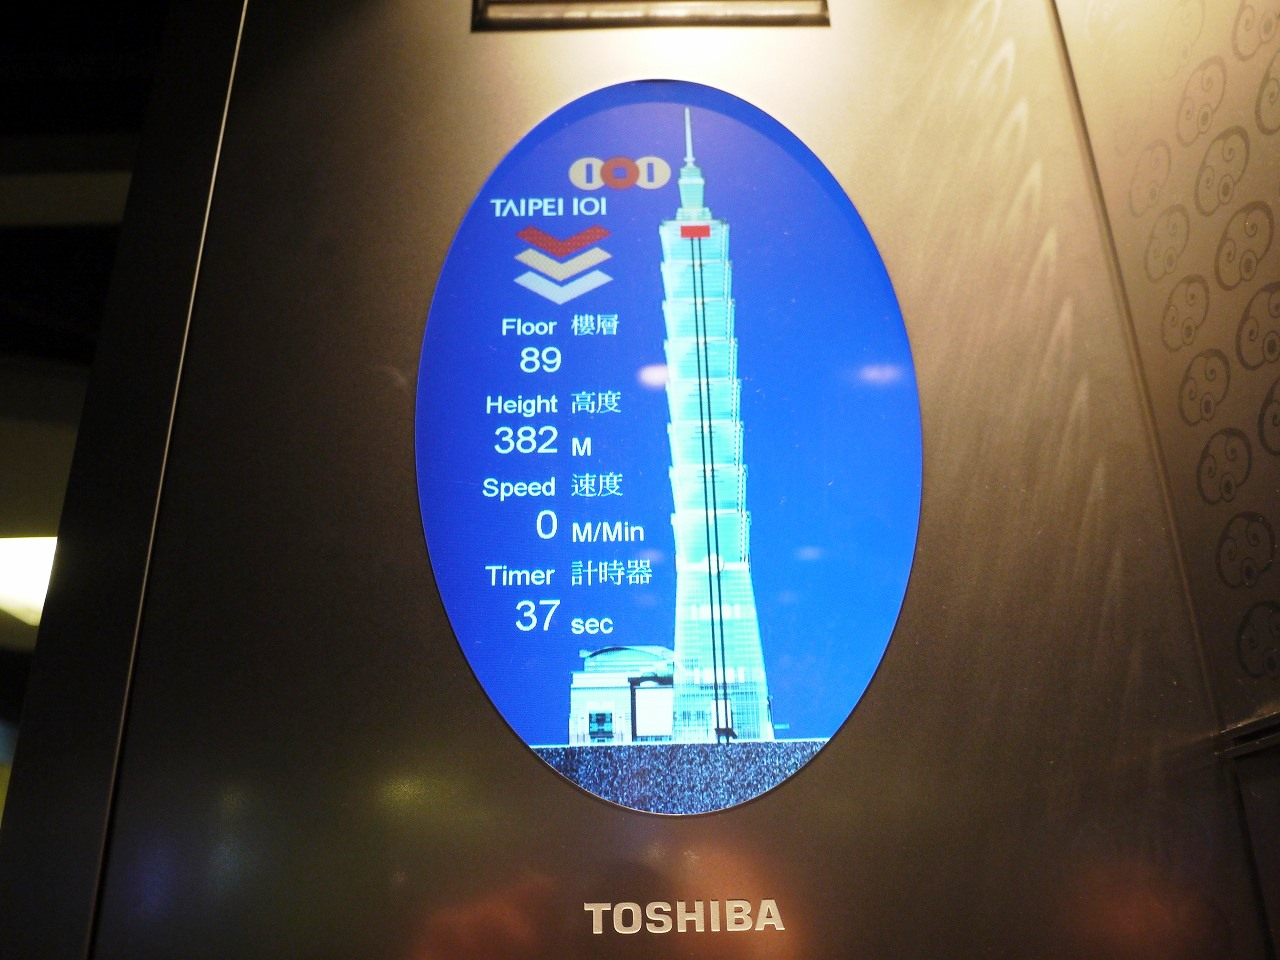 台北101